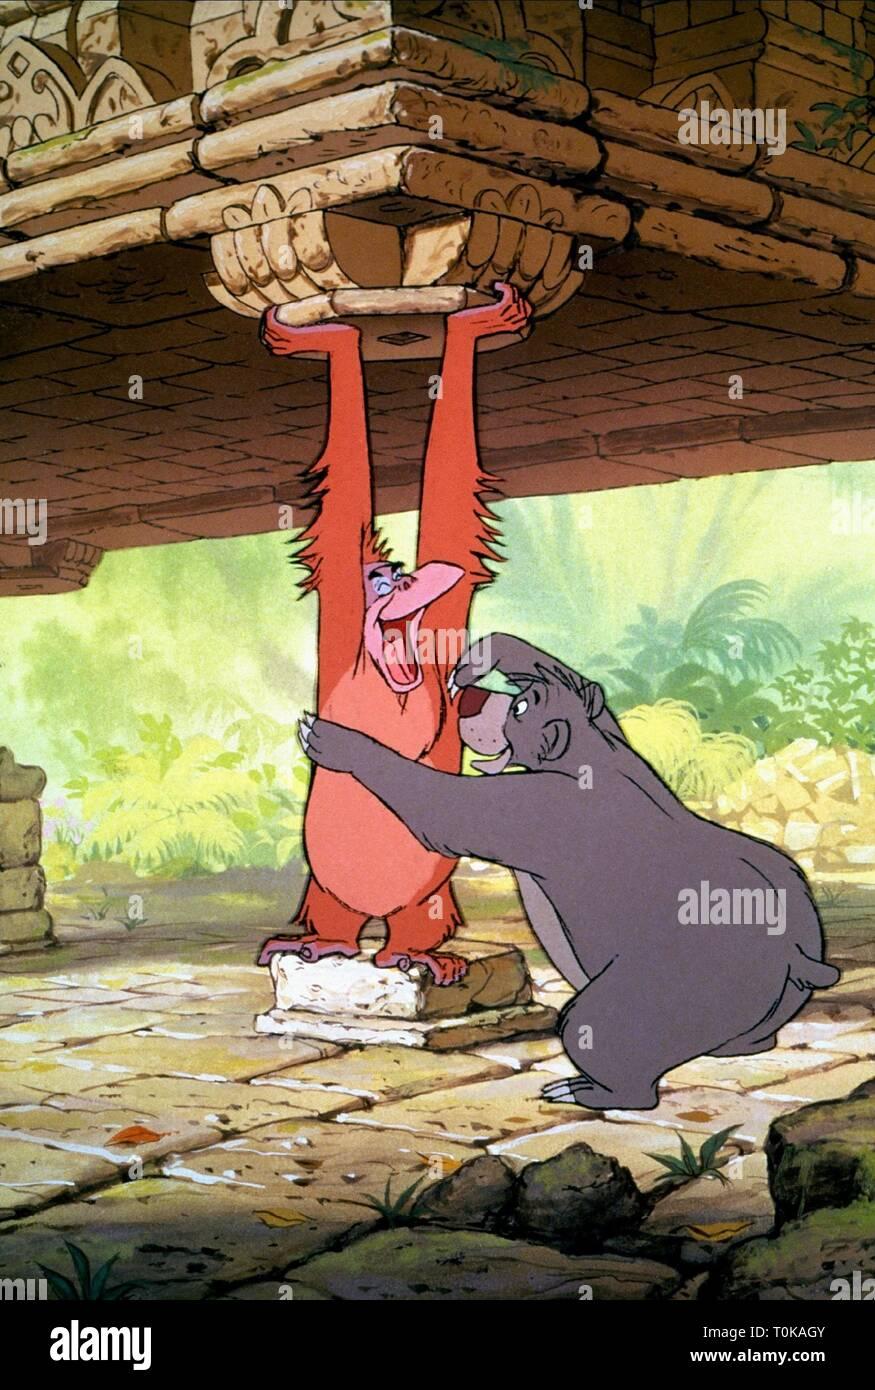 Le Roi Singe Loui Baloo L Ours Le Livre De La Jungle 1967